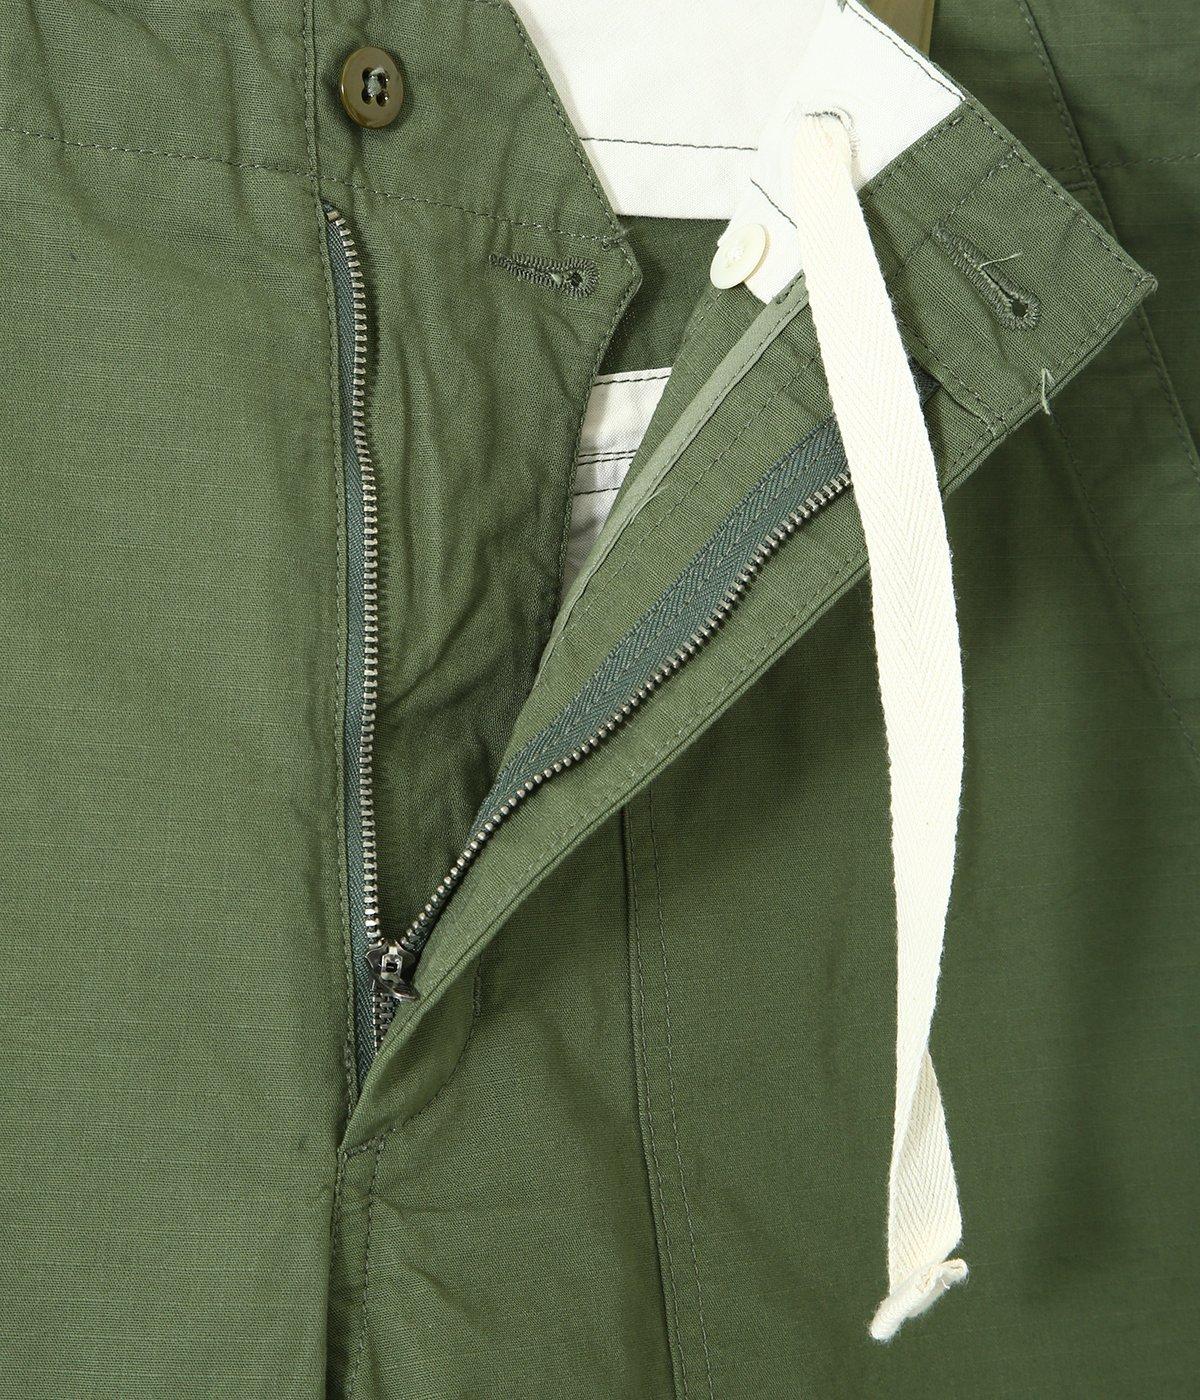 Fatigue Short - Cotton Ripstop